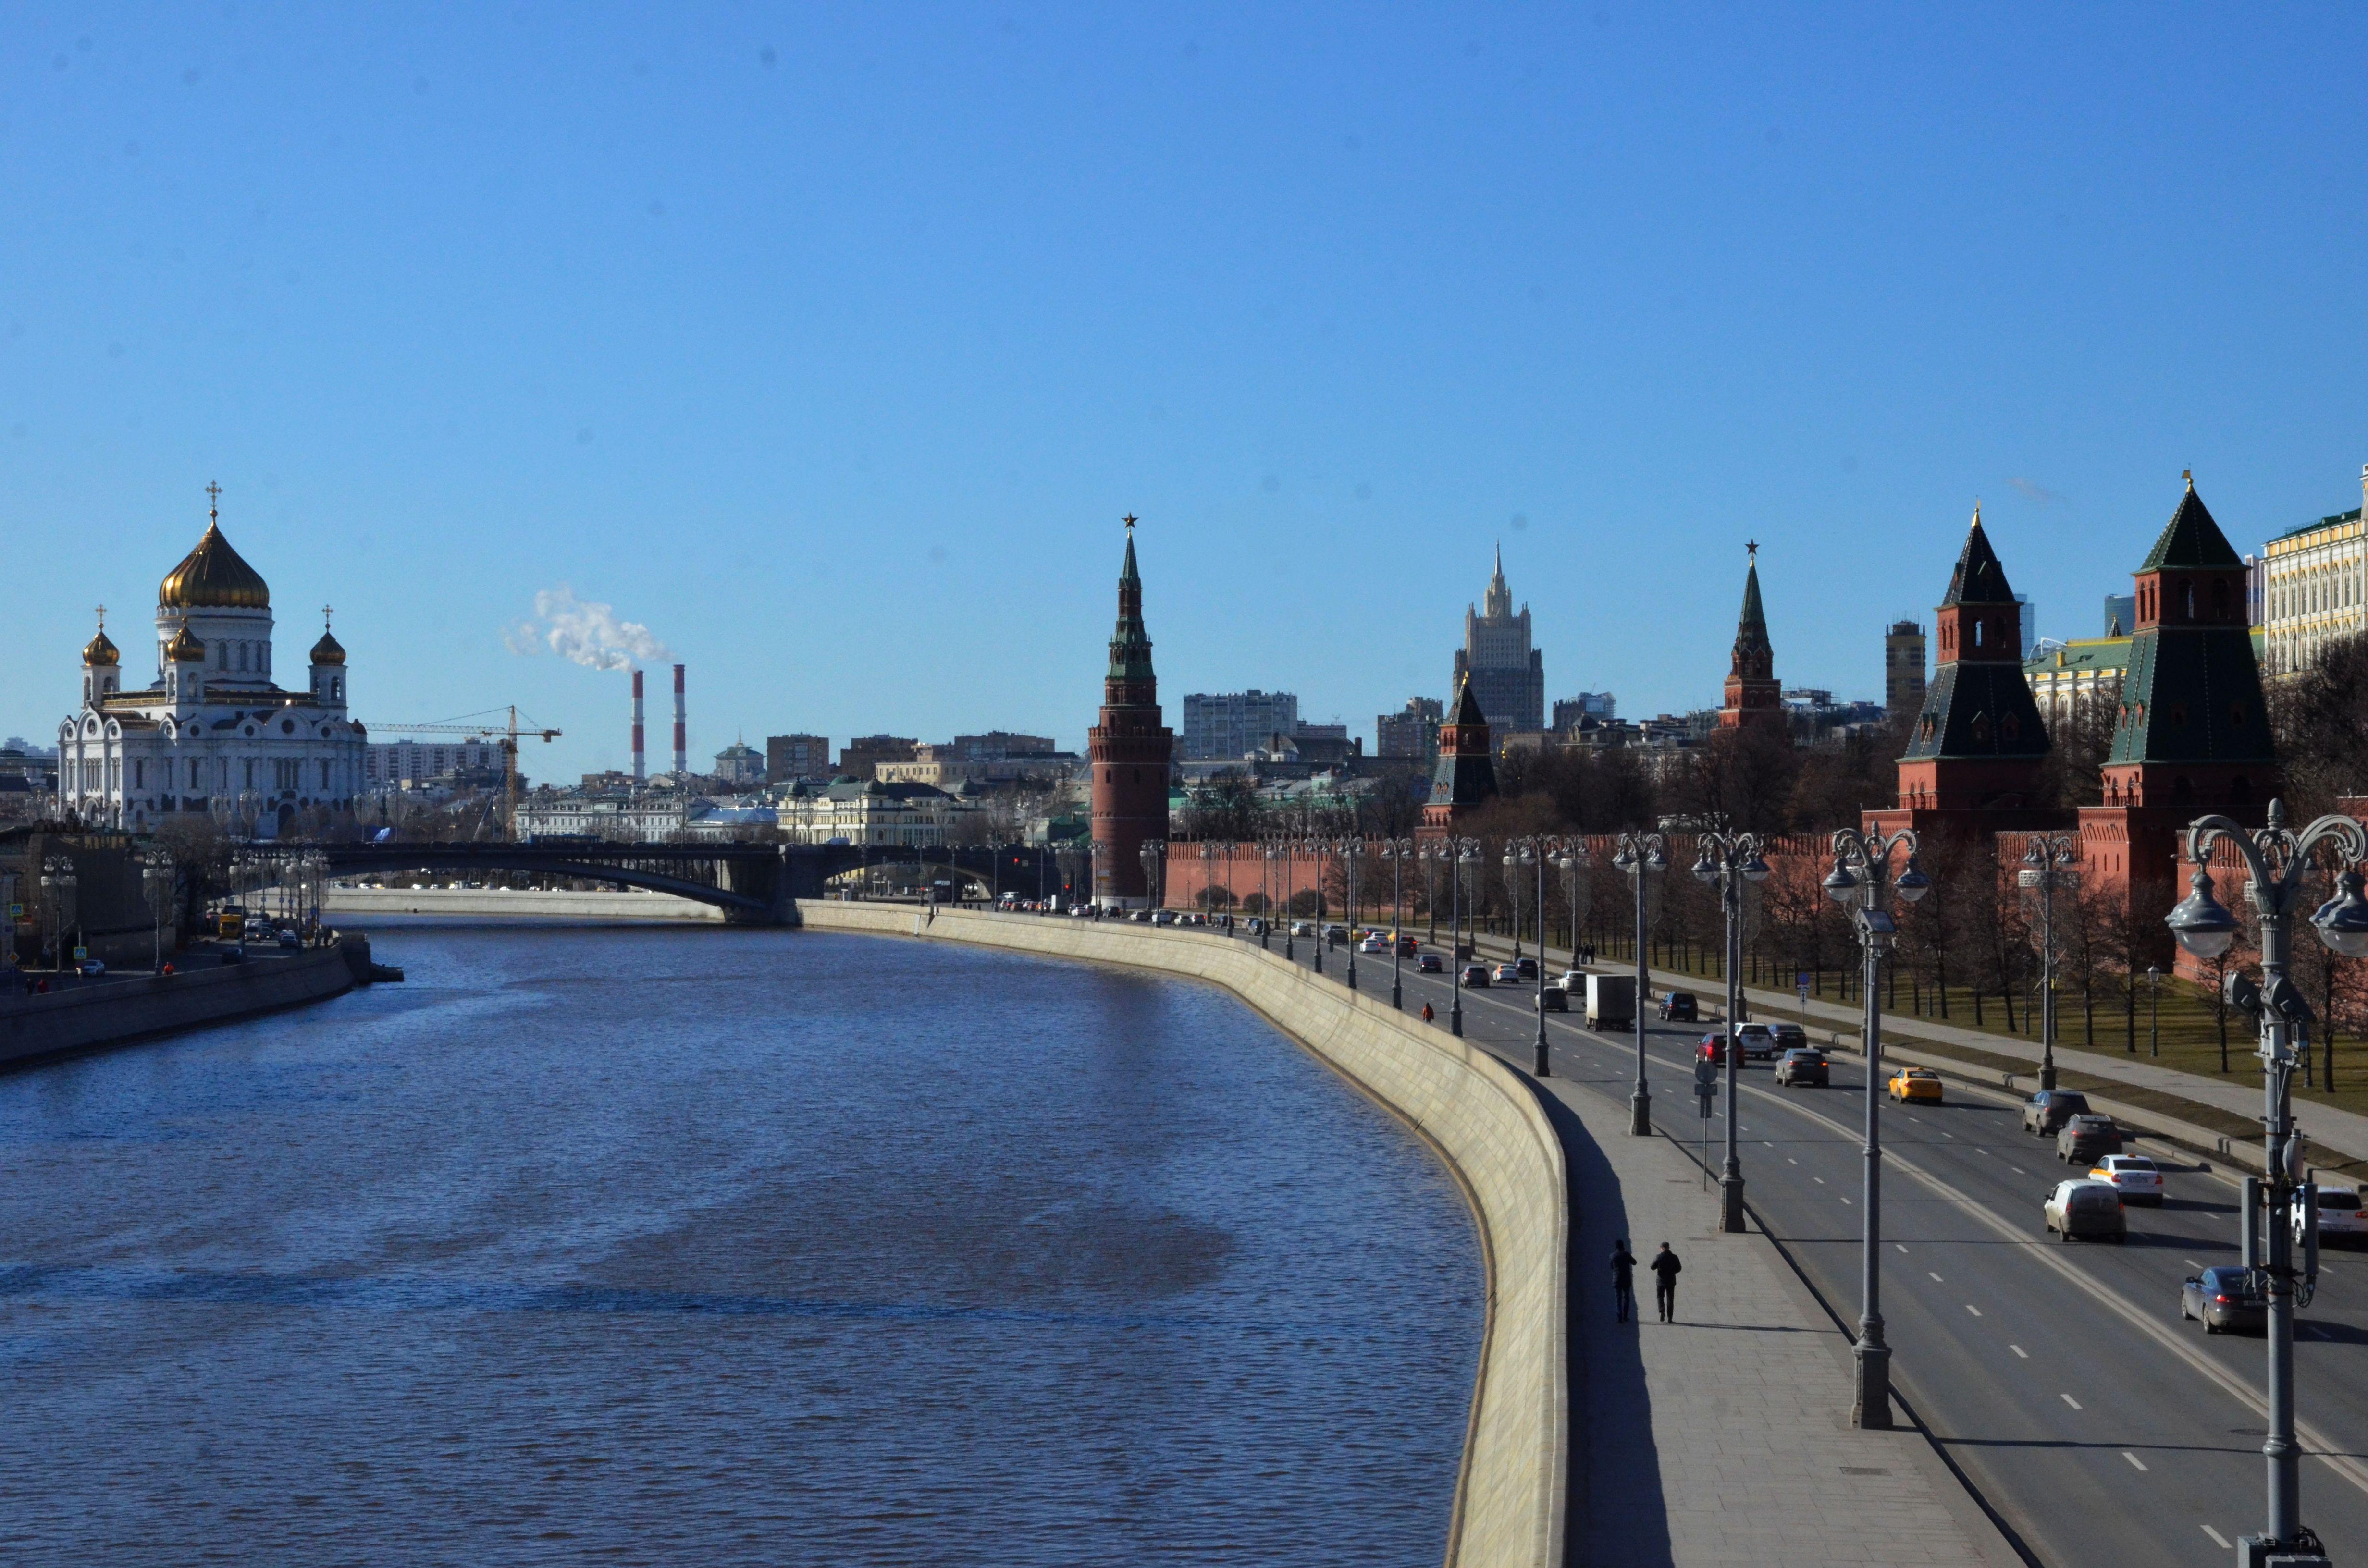 Меры сдерживания коронавируса в Москве помогут избежать серьезных последствий